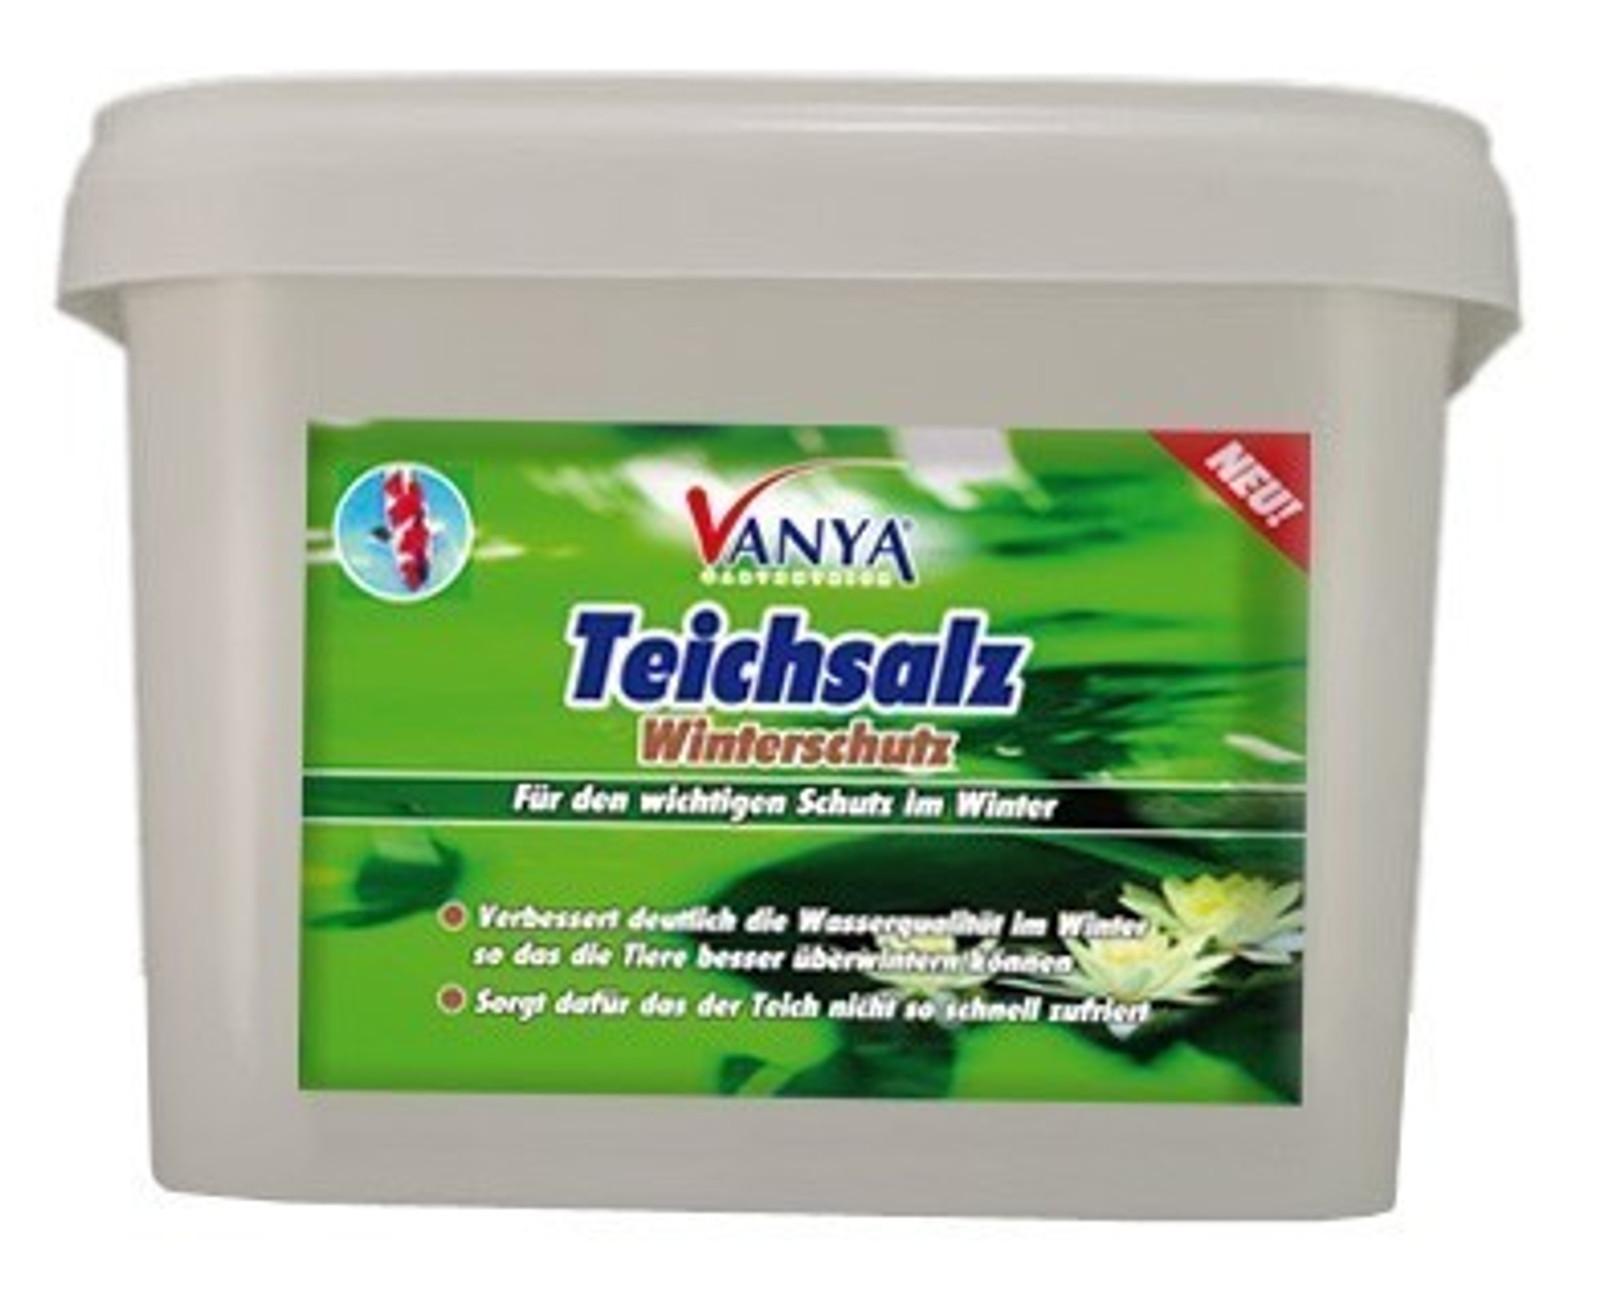 VANYA Teichsalz Winterschutz 1.200 g